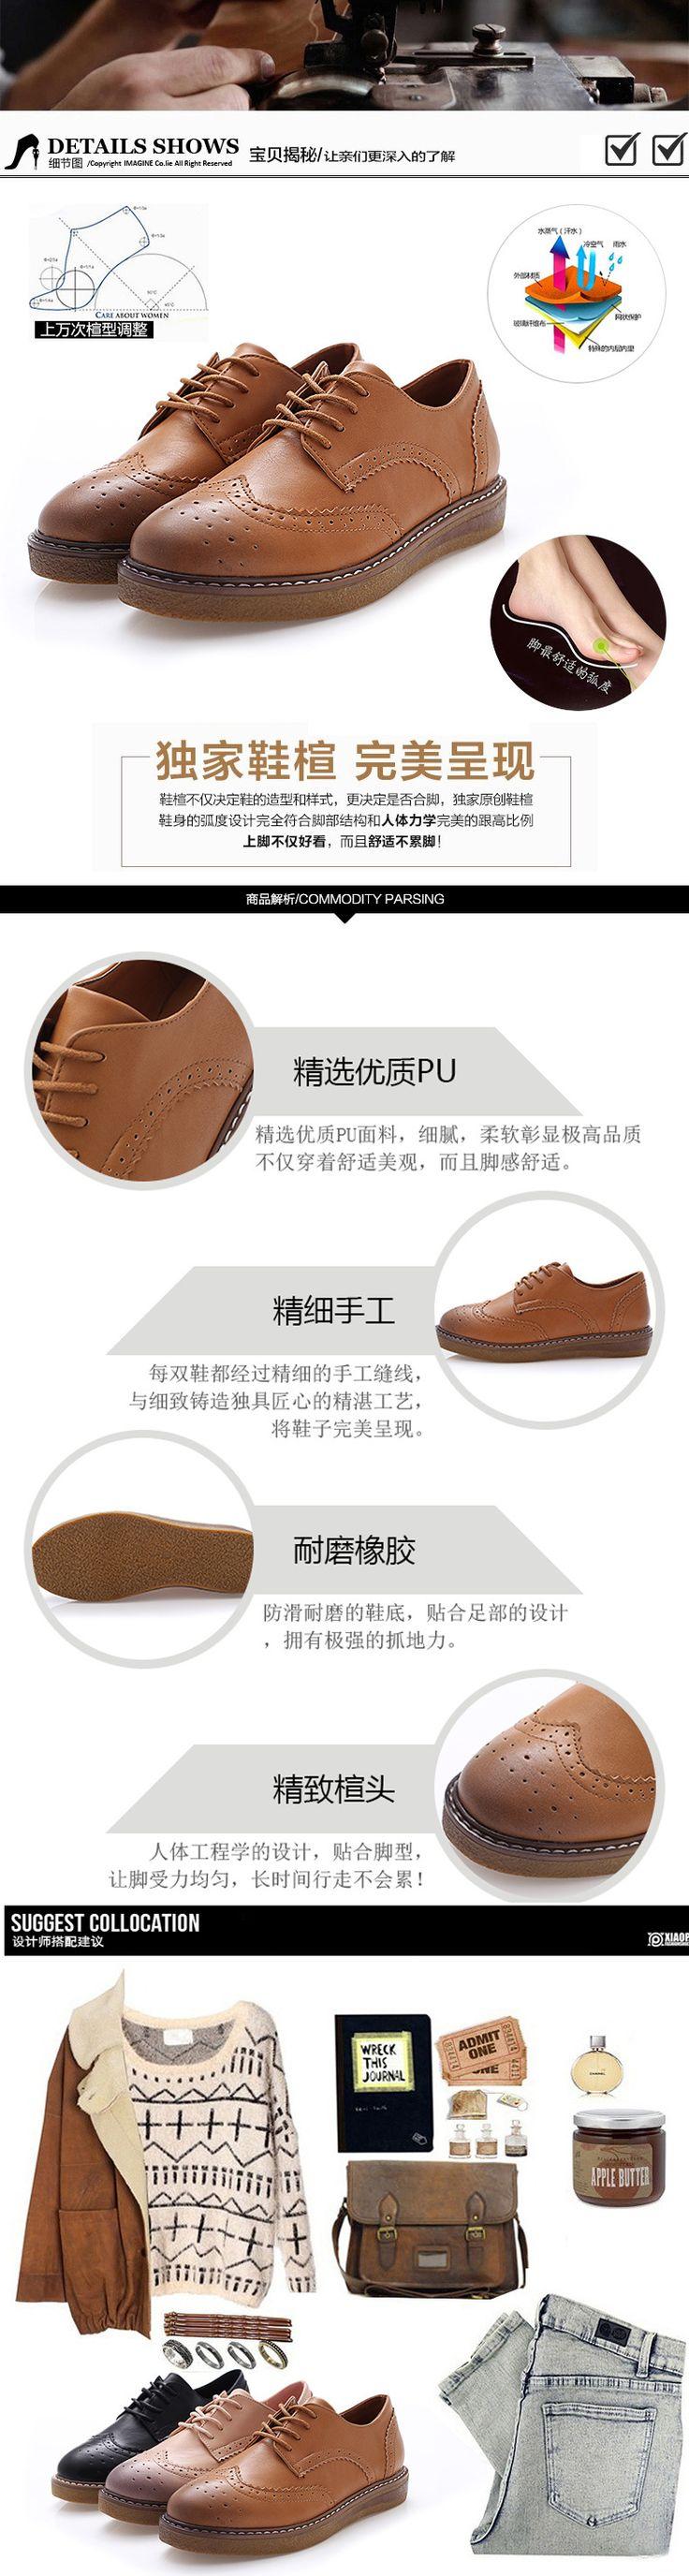 B shoes новое поступление весна кружева up круглым носком сапоги PU акцентом оксфорд плоские ботинки мода свободного покроя женская обувь Zapatos Mujer купить на AliExpress